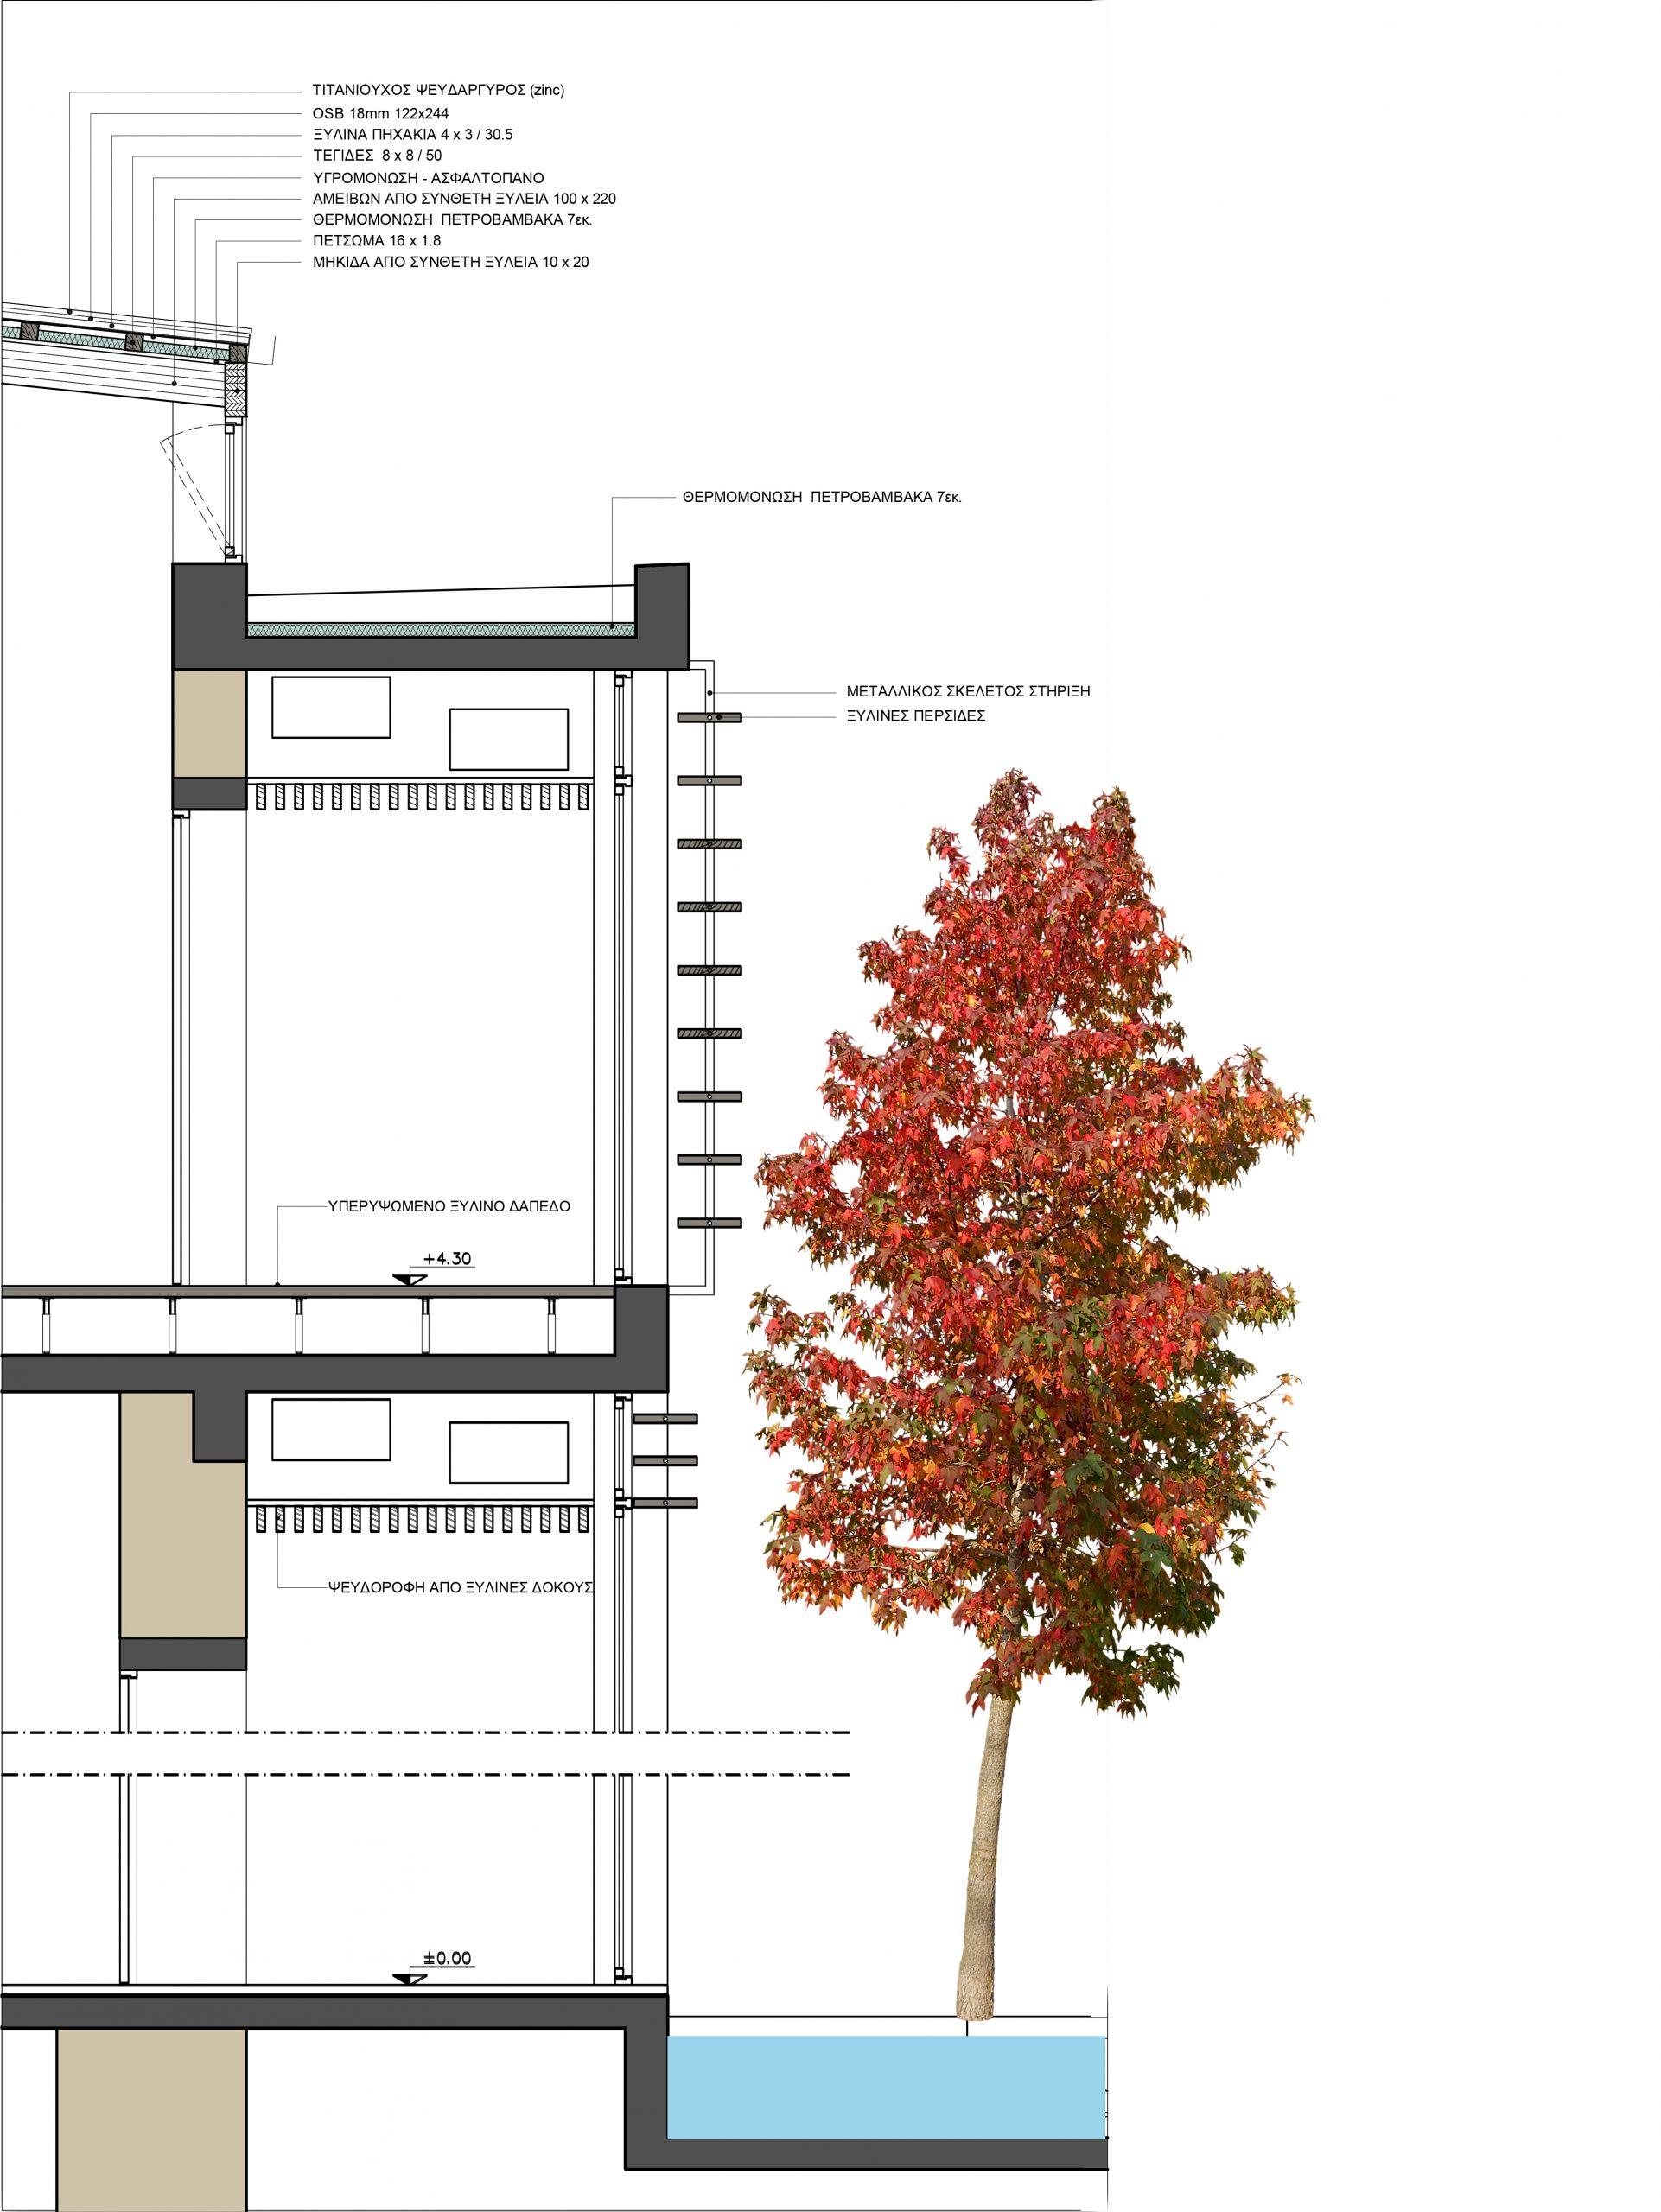 Κατασκευαστική λεπτομέρεια εσωτερικής όψης του κτιρίου